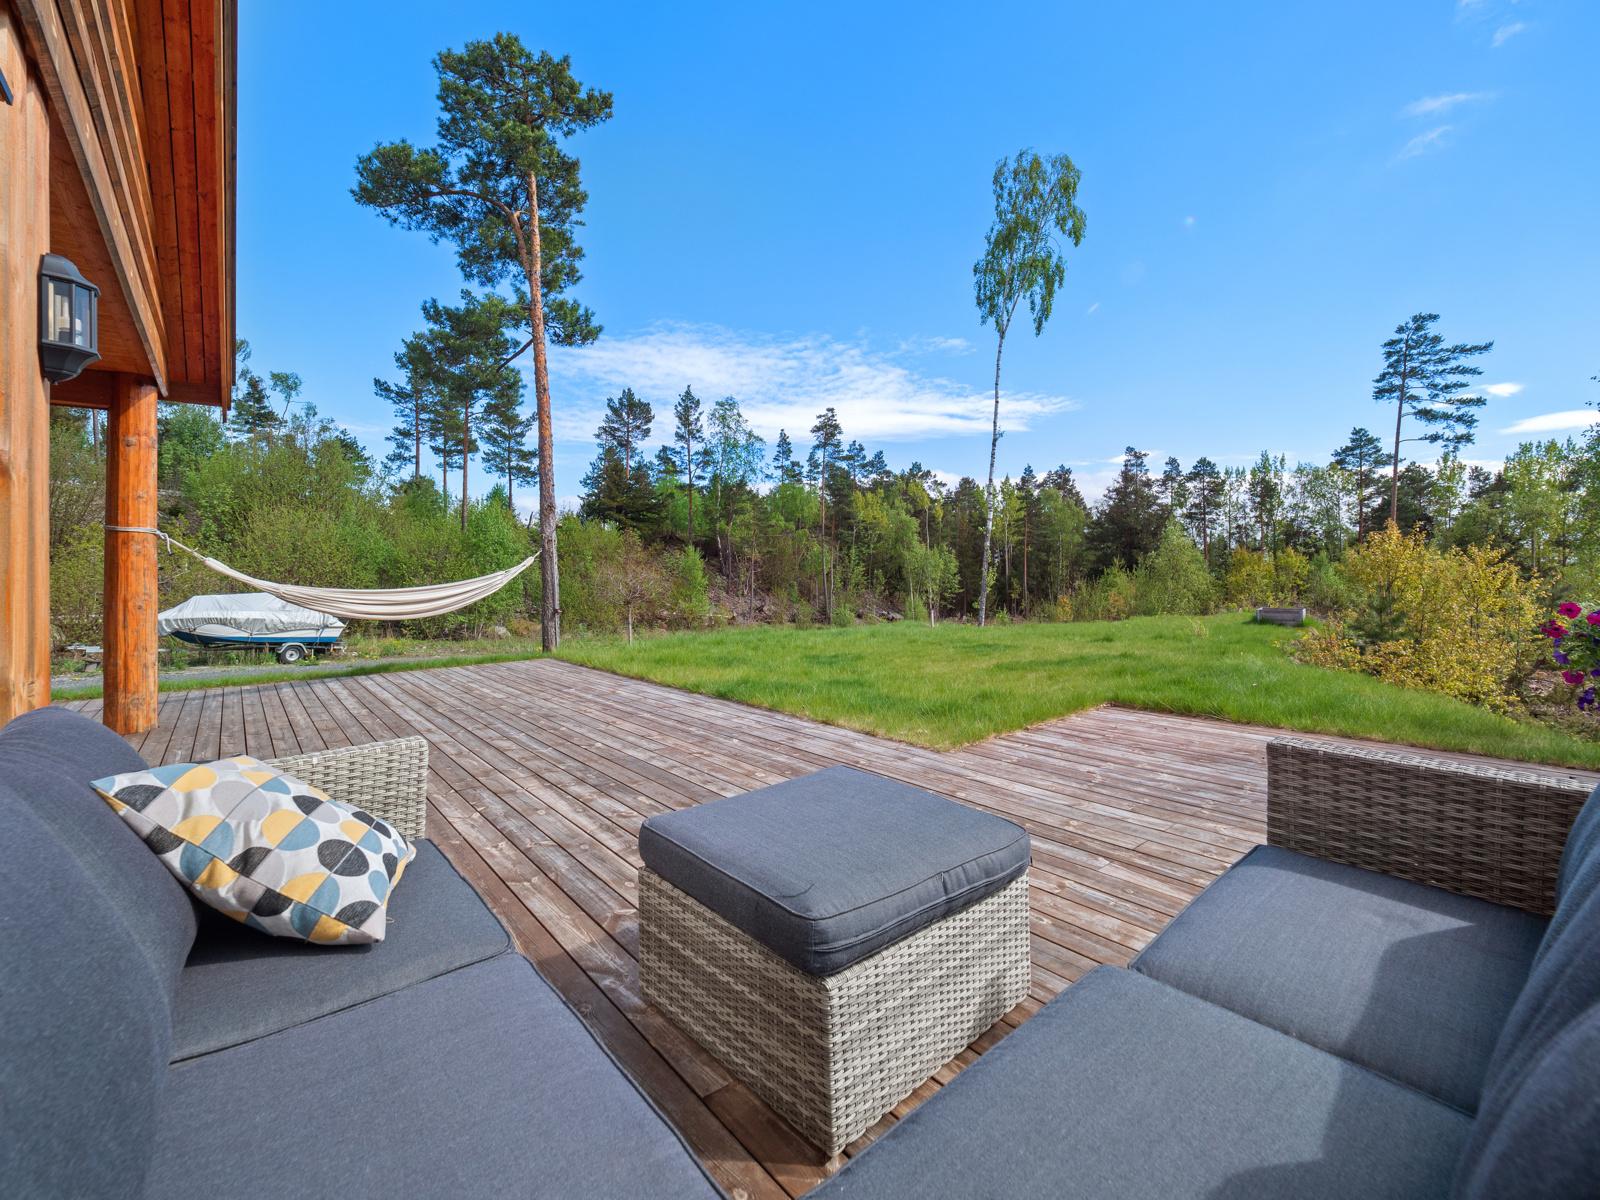 Terrassen har plass til flere sittegrupper og solsenger - Her kan du nyte dagen med familie og venner, eller alene med en god bok